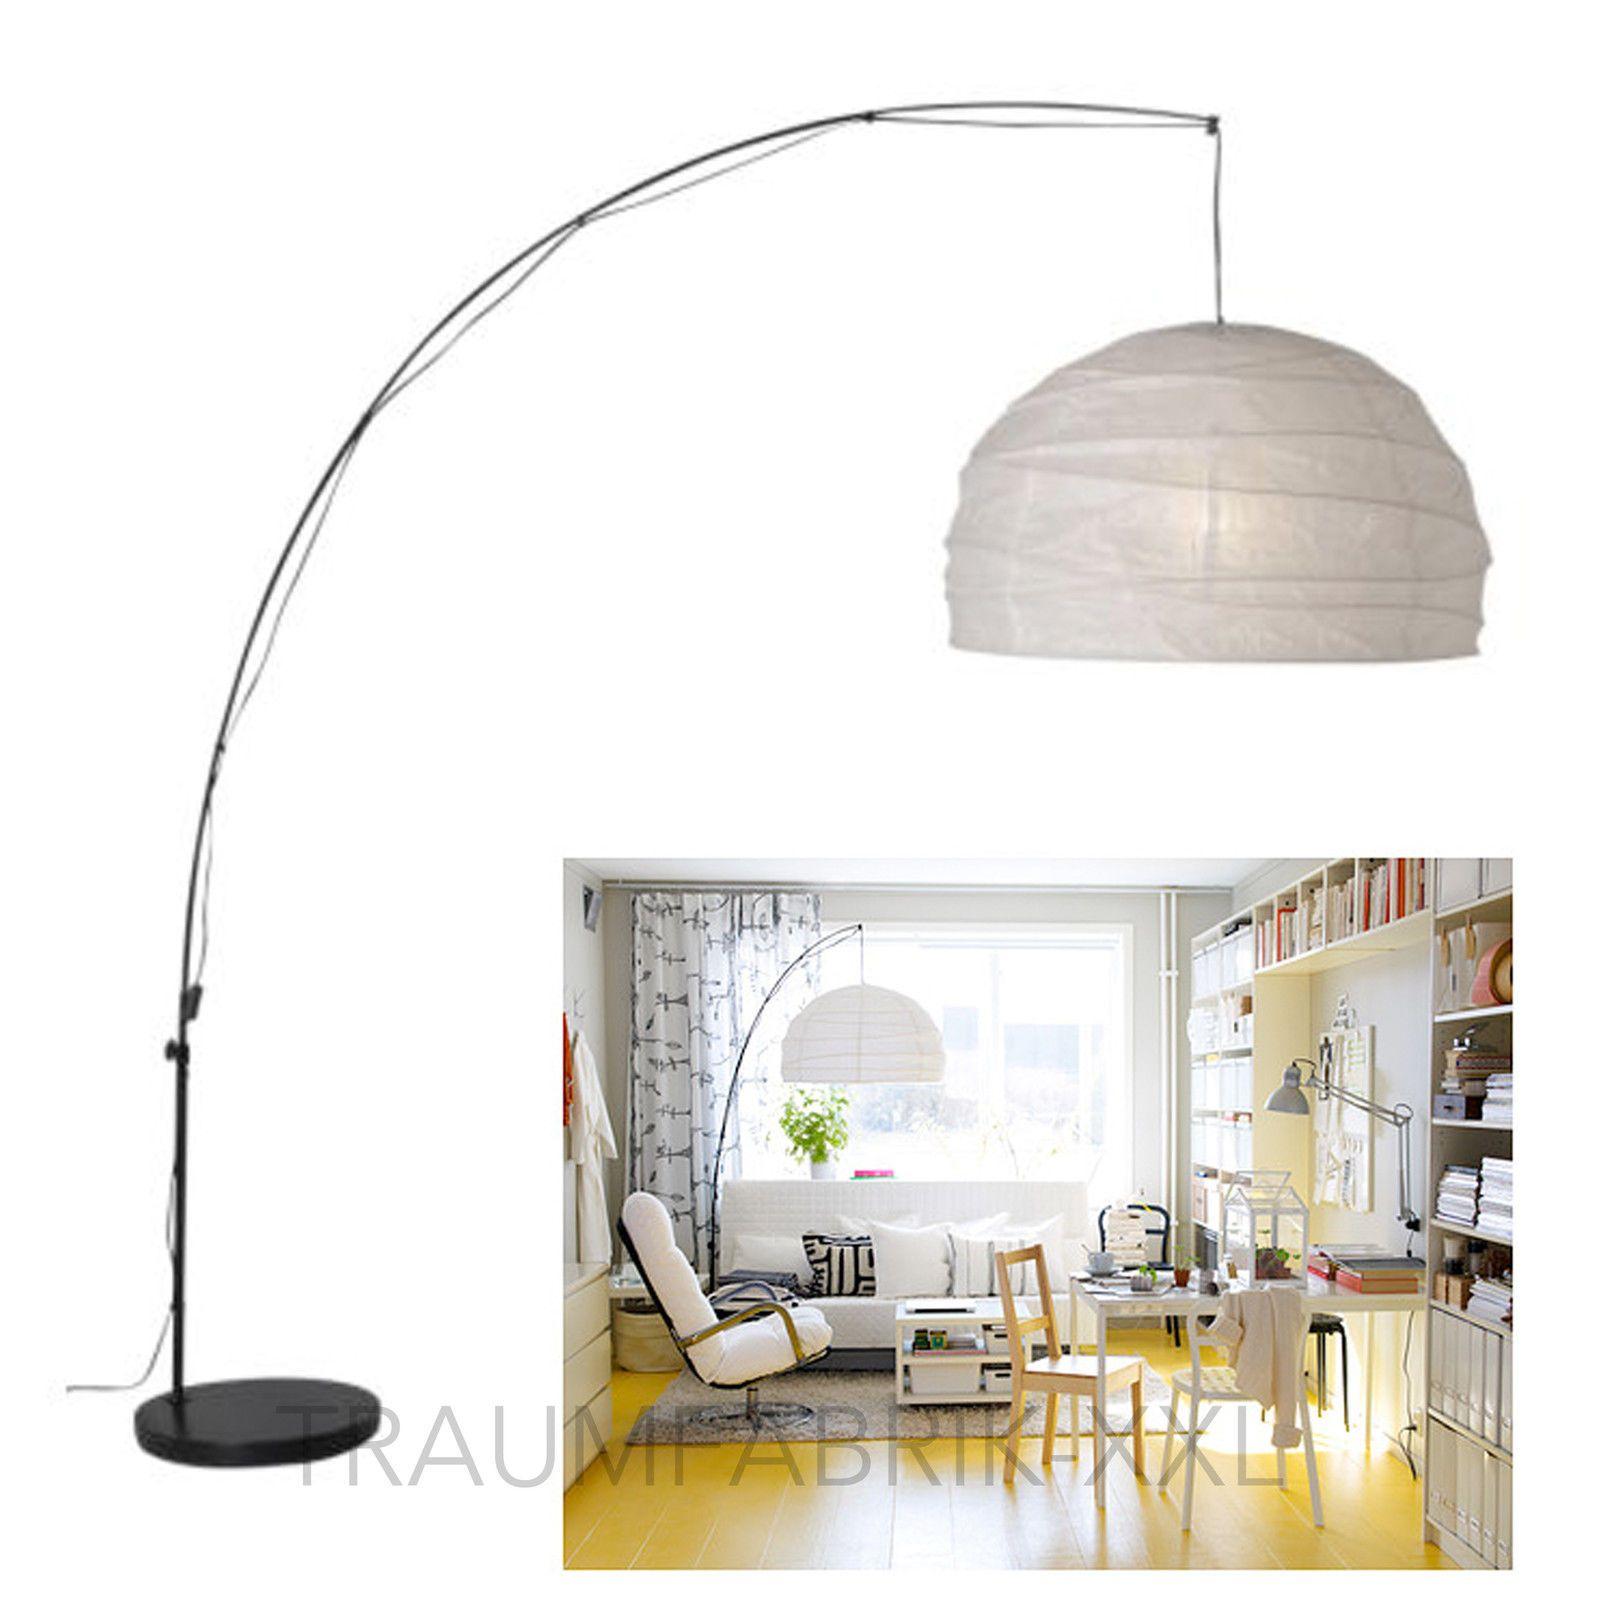 Full Size of Ikea Stehlampe Gold Regolit Xxl Lounge Lampe Küche Kaufen Betten Bei Kosten Modulküche Sofa Mit Schlaffunktion 160x200 Stehlampen Wohnzimmer Miniküche Wohnzimmer Ikea Stehlampen